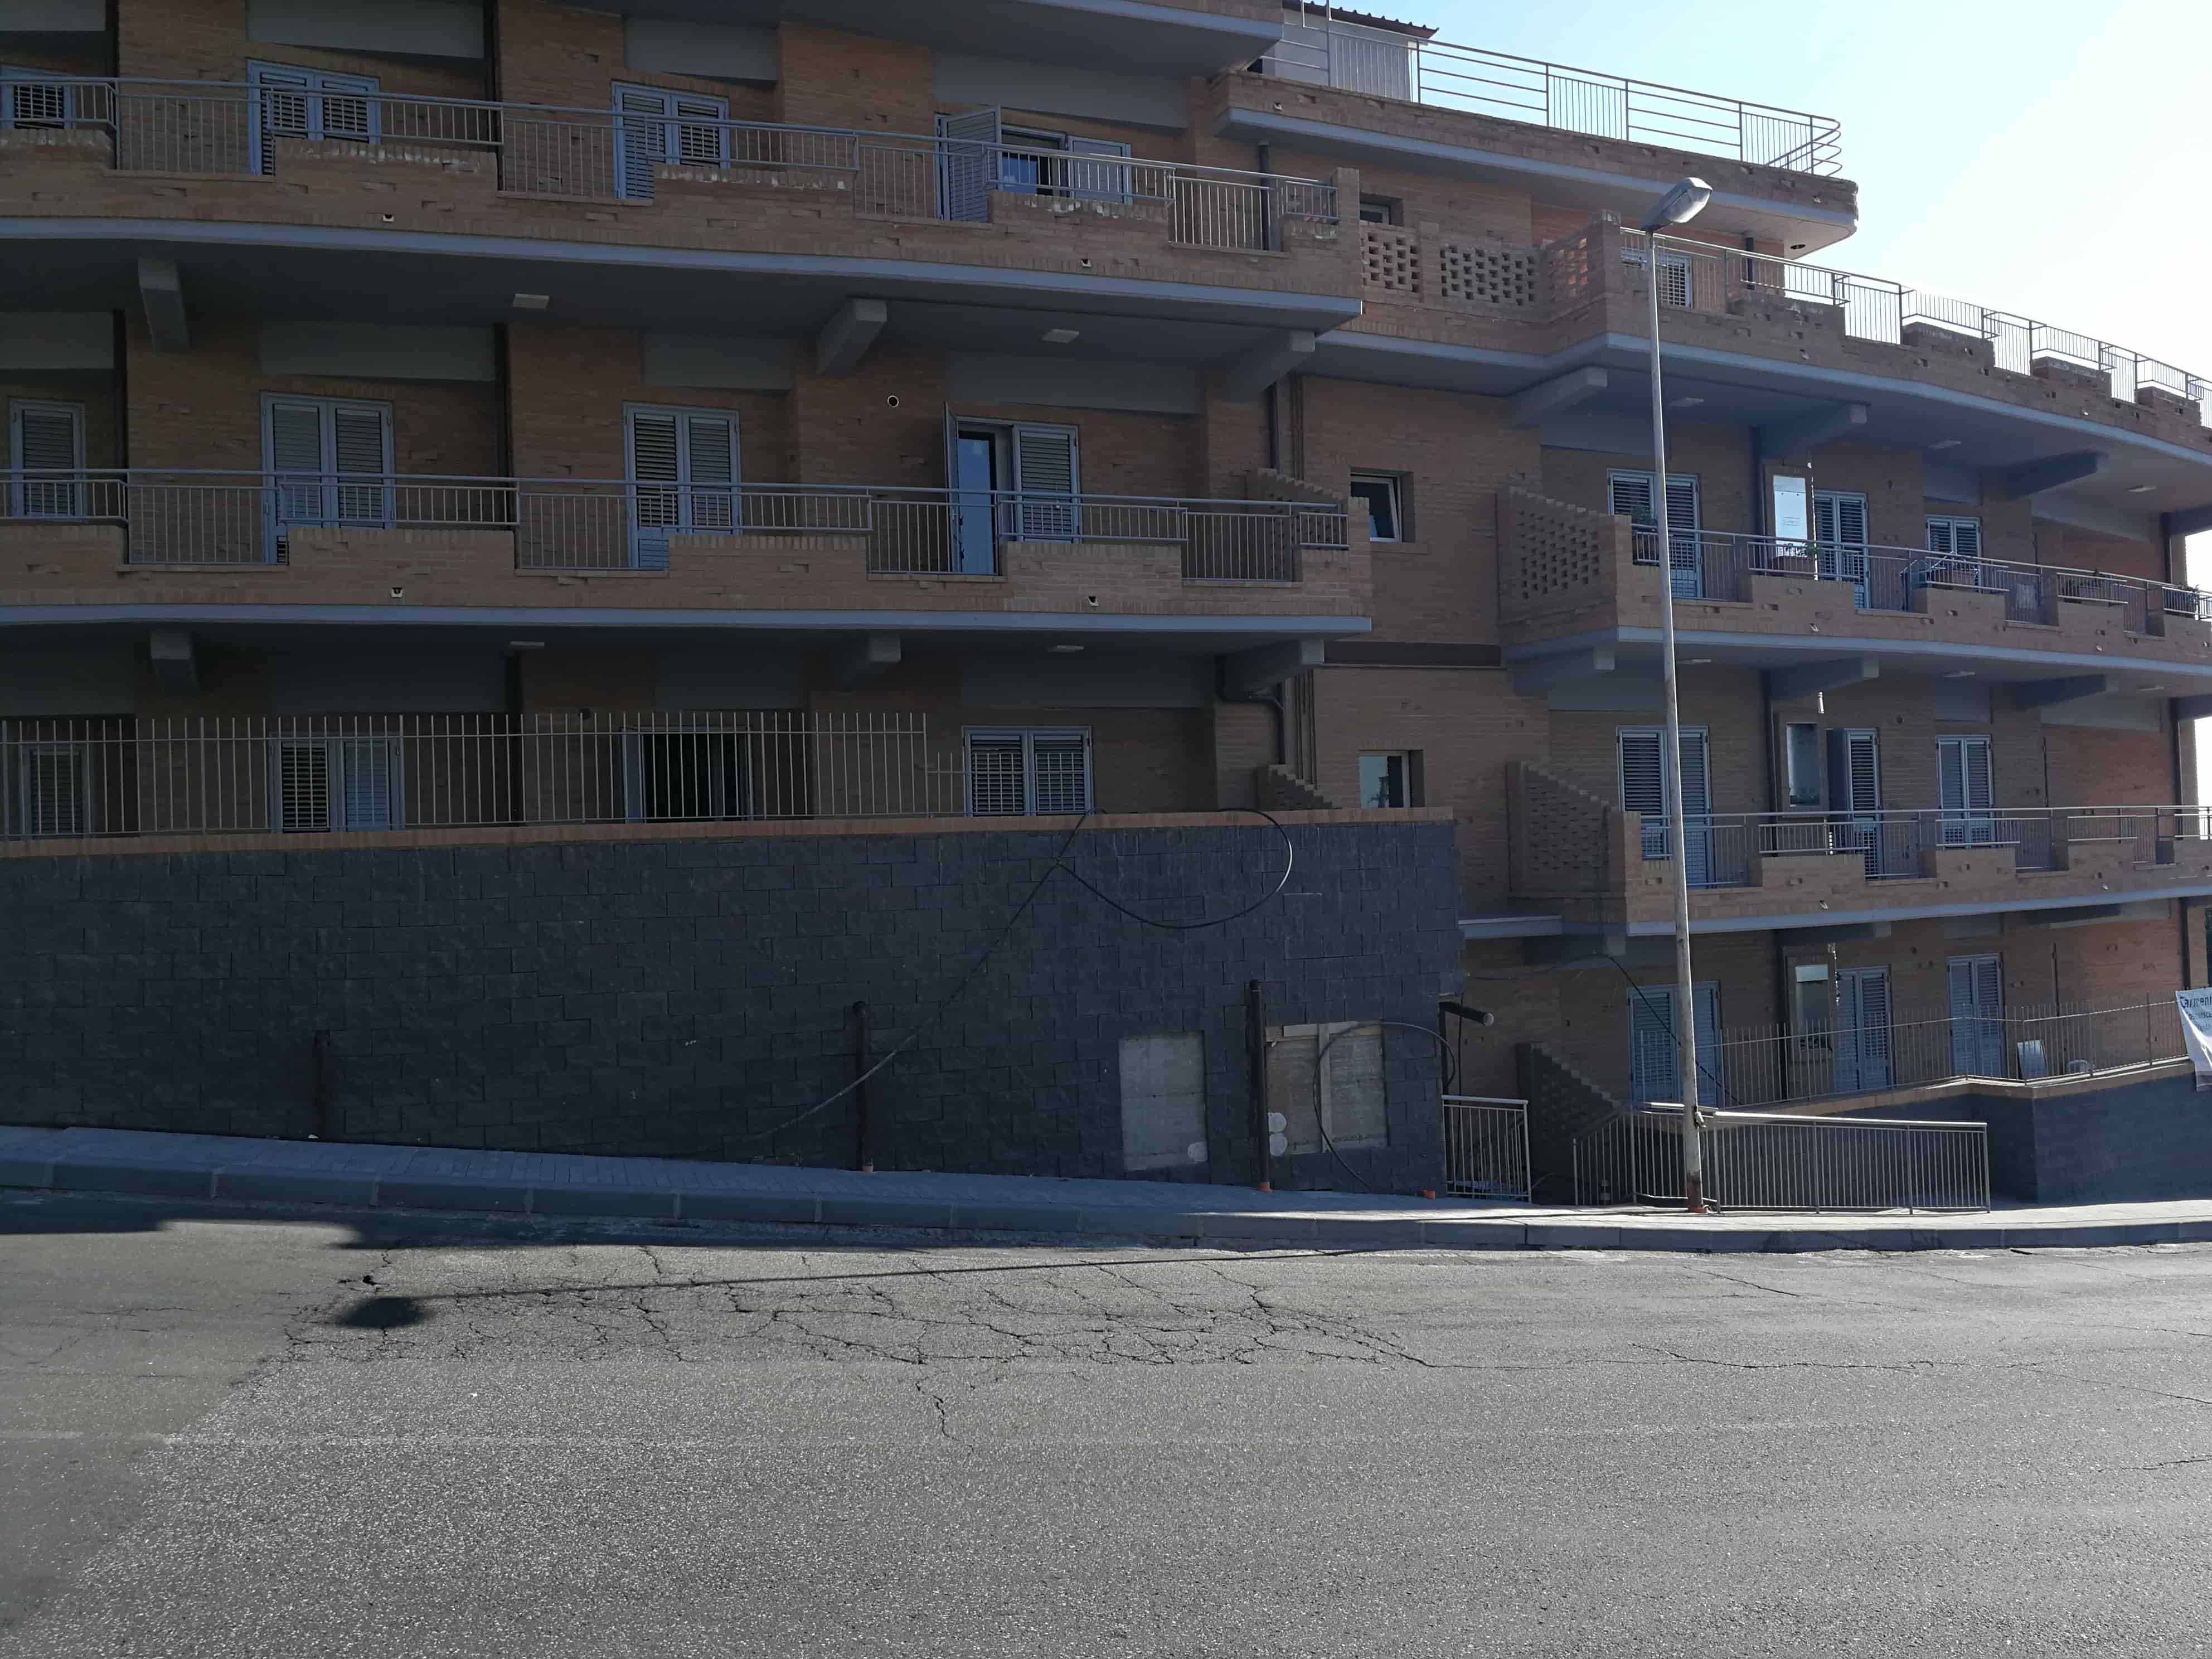 Annunci immobiliari a gravina di catania - Immobiliari a catania ...